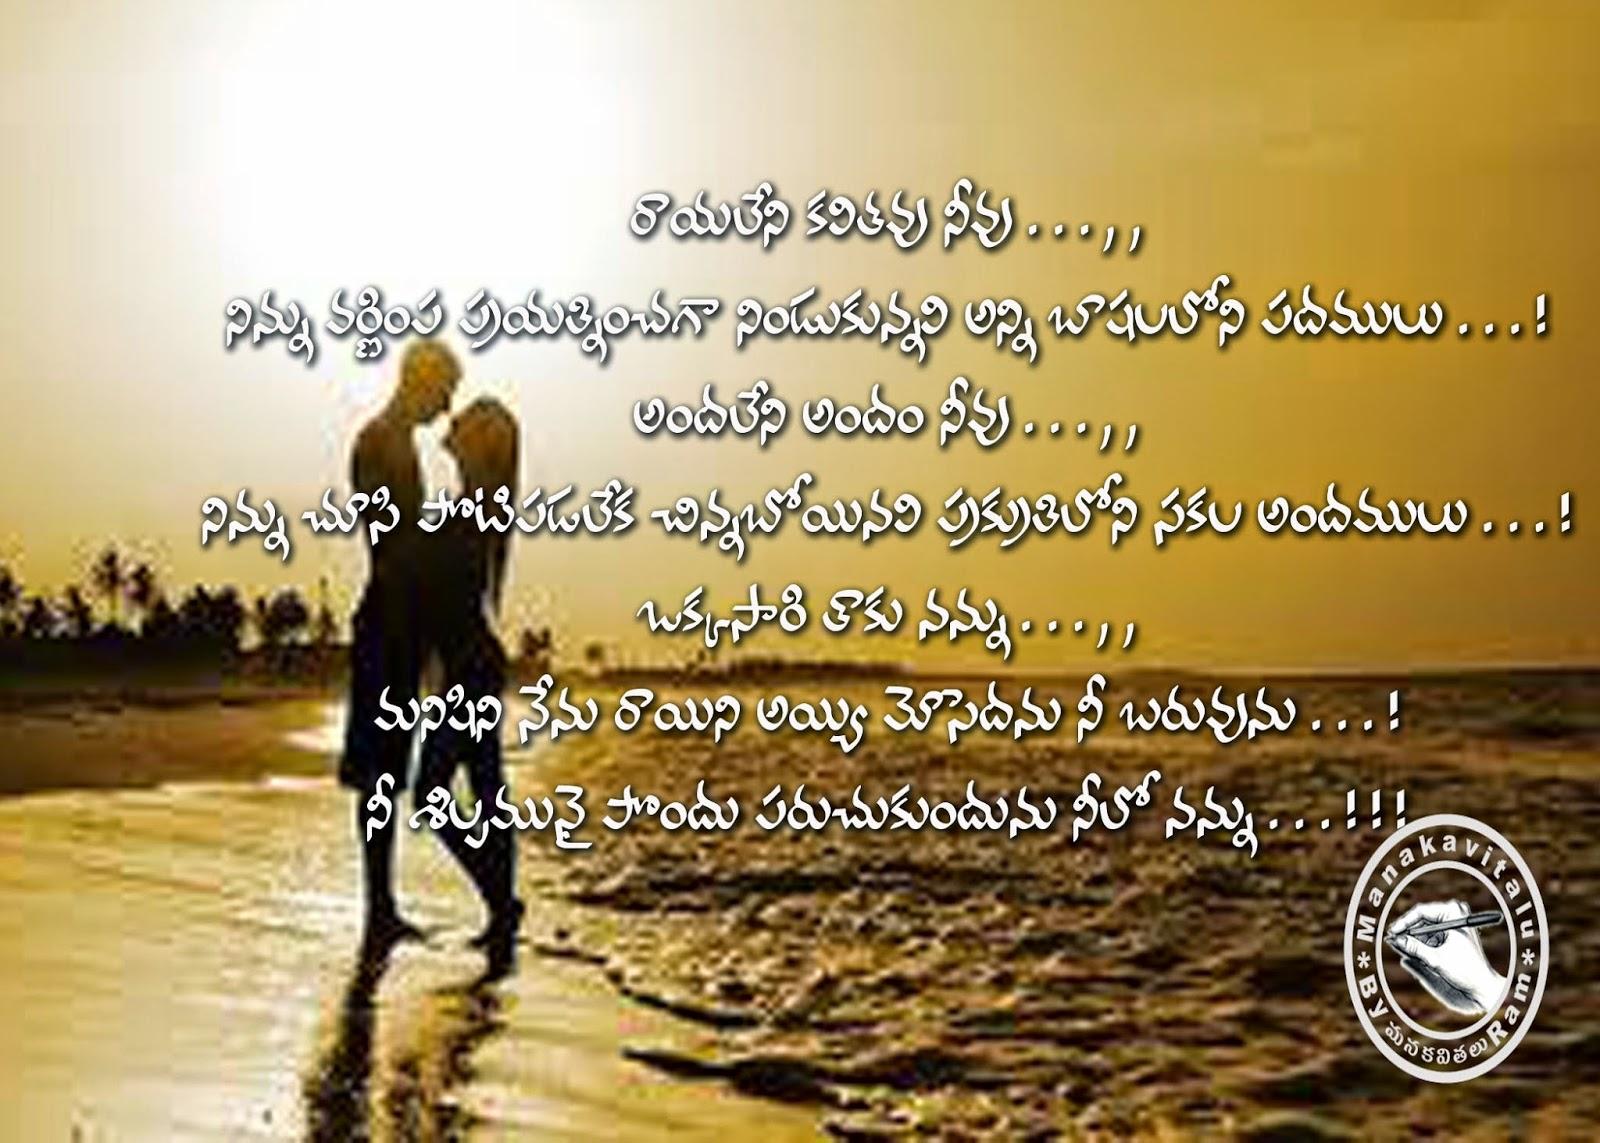 raayaleni kavitavu neevu telugu love poets on images